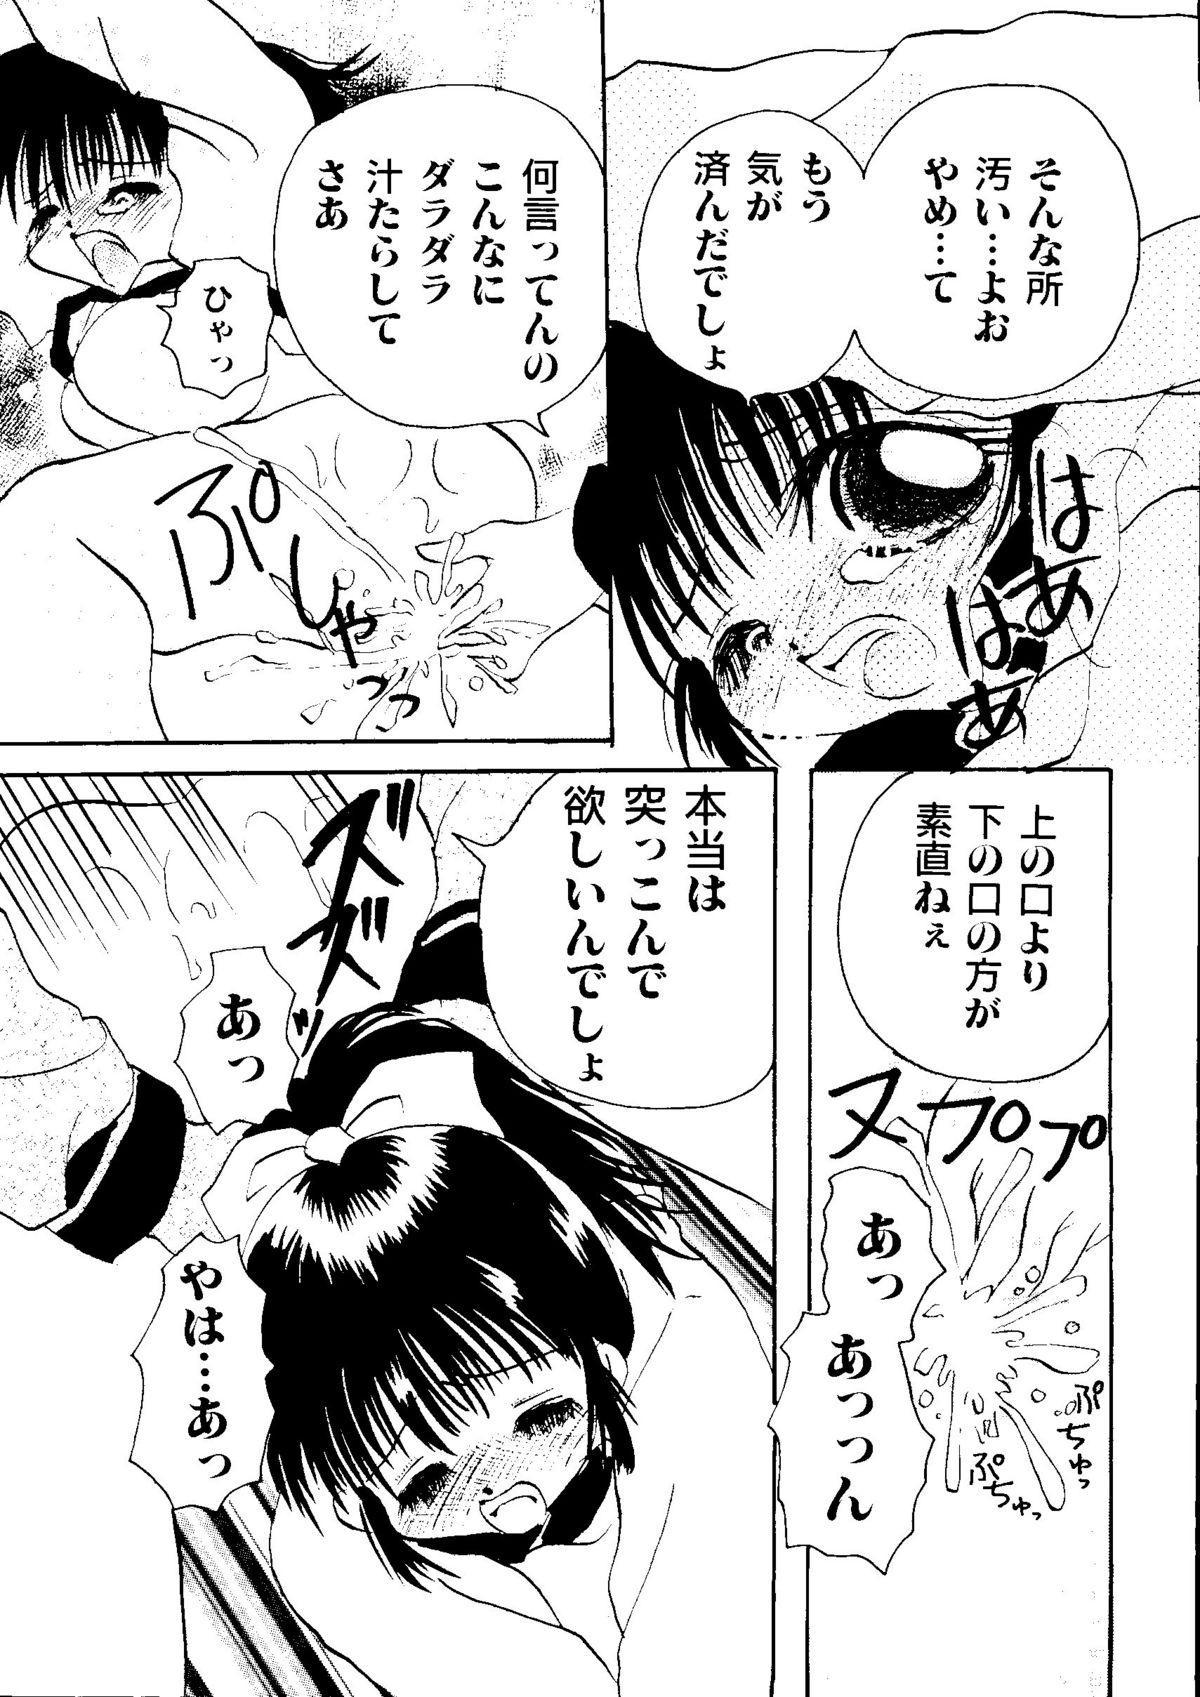 Bishoujo Doujinshi Anthology Cute 2 127